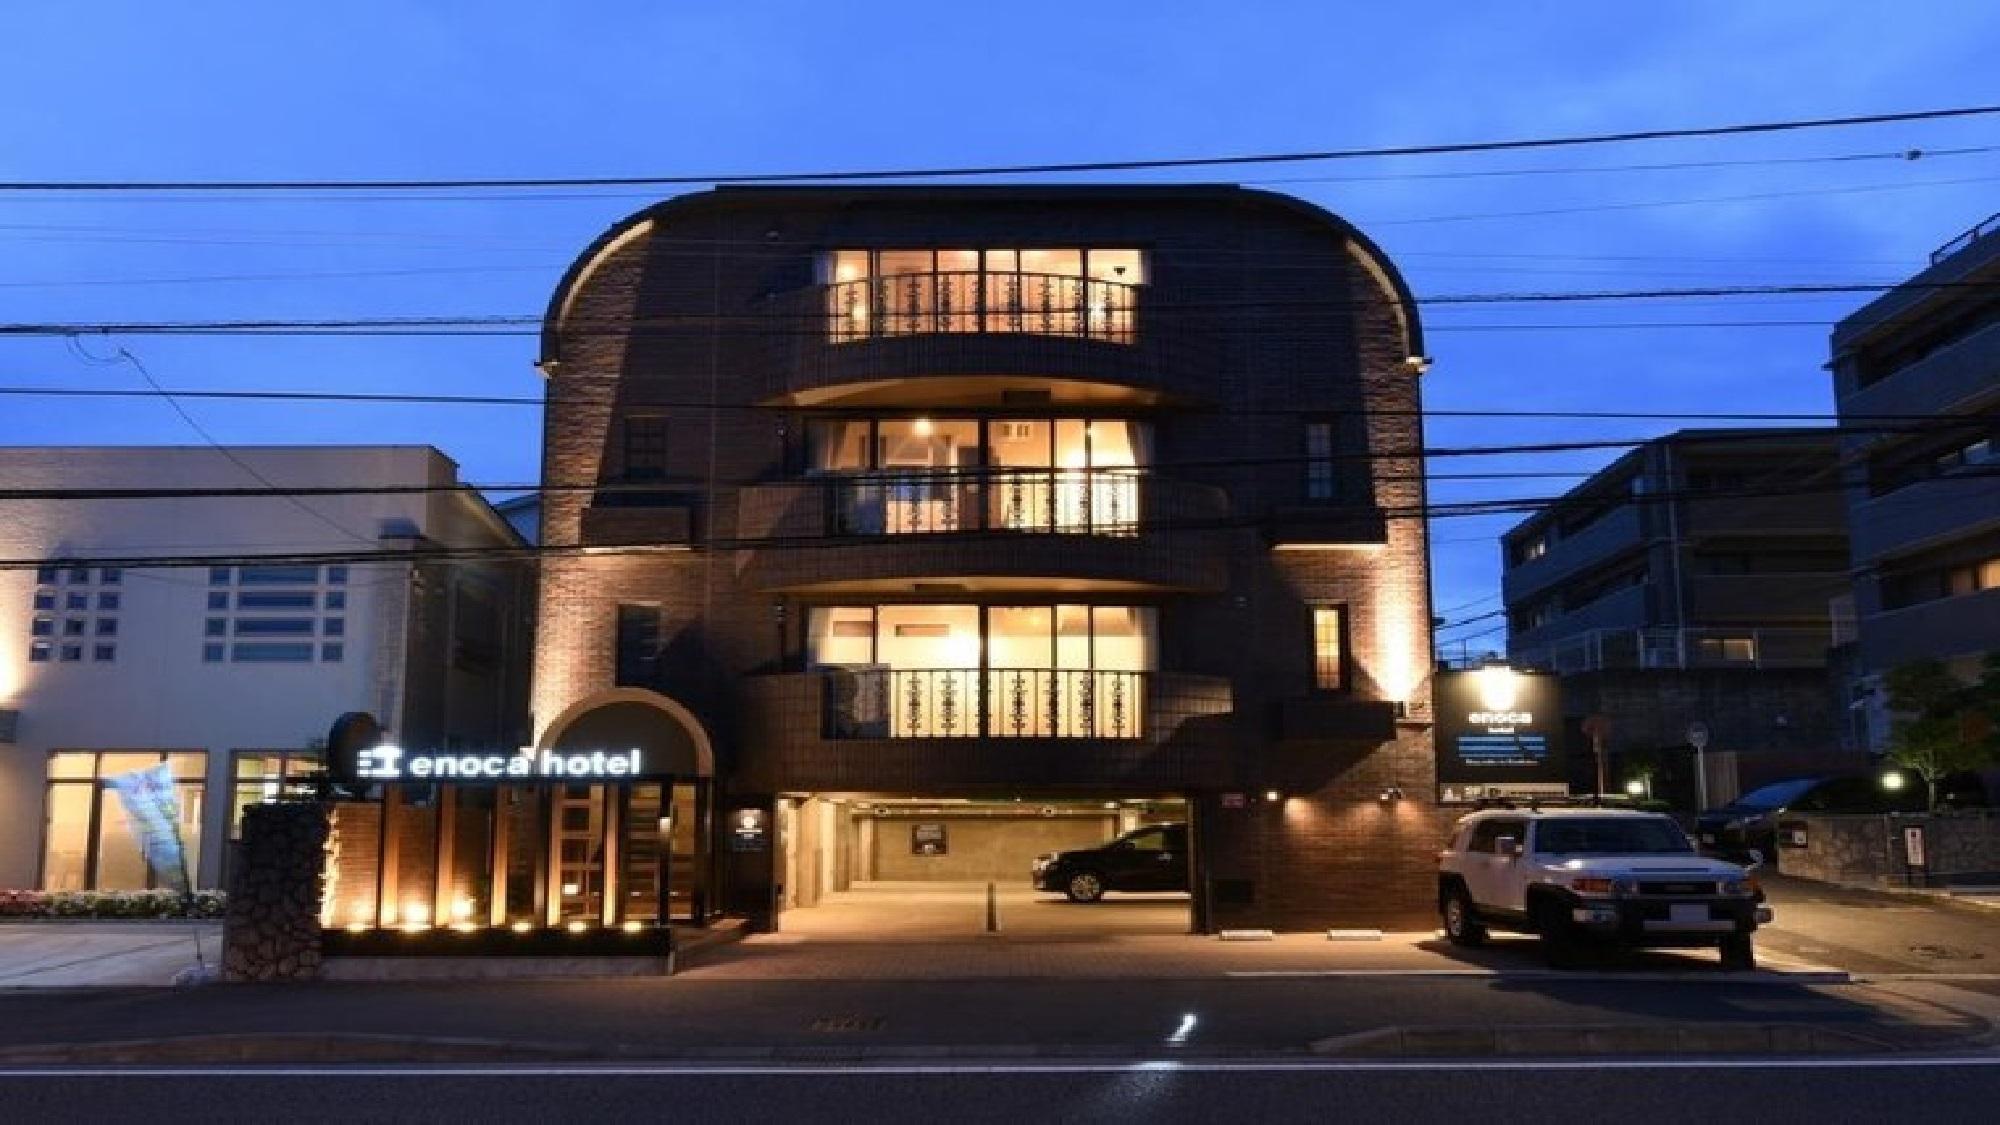 enoca・hotel